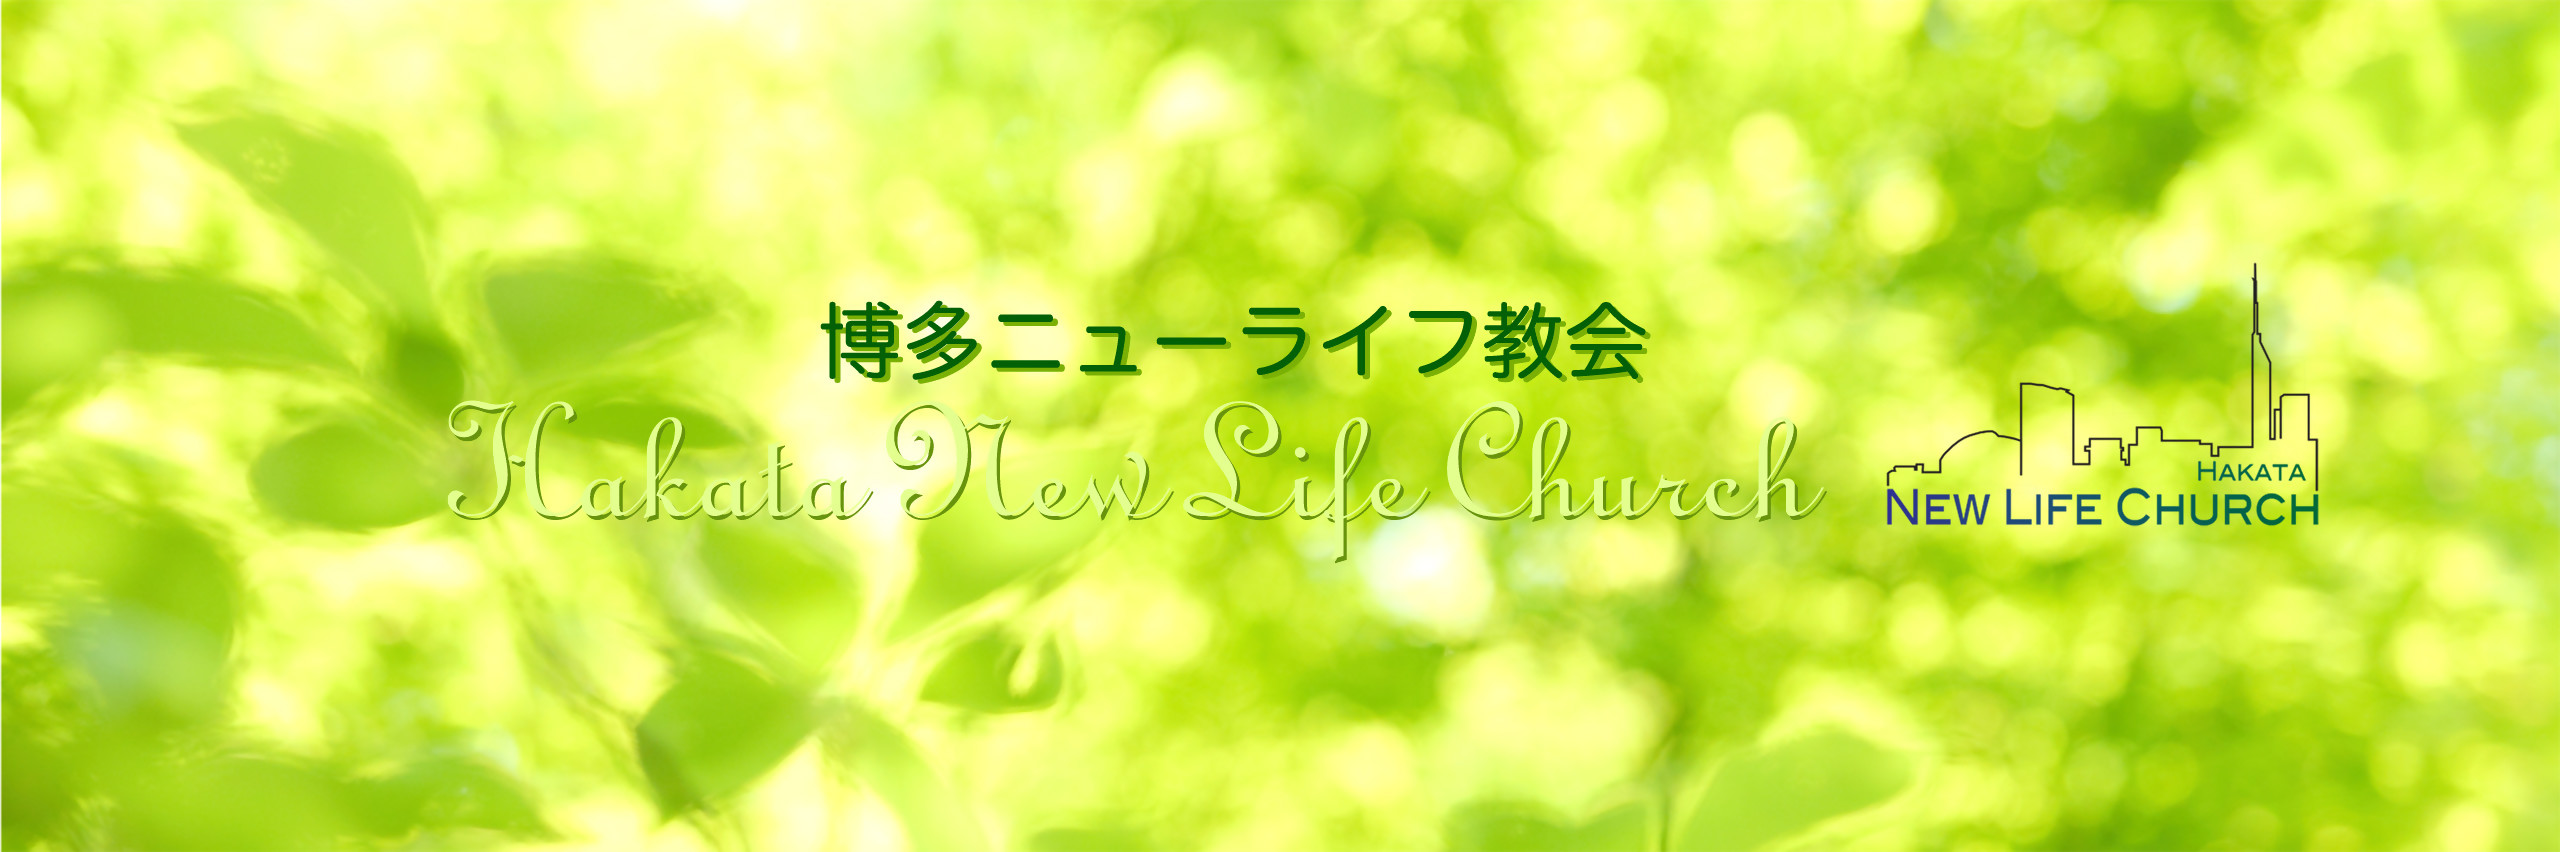 Hakata New Life Church